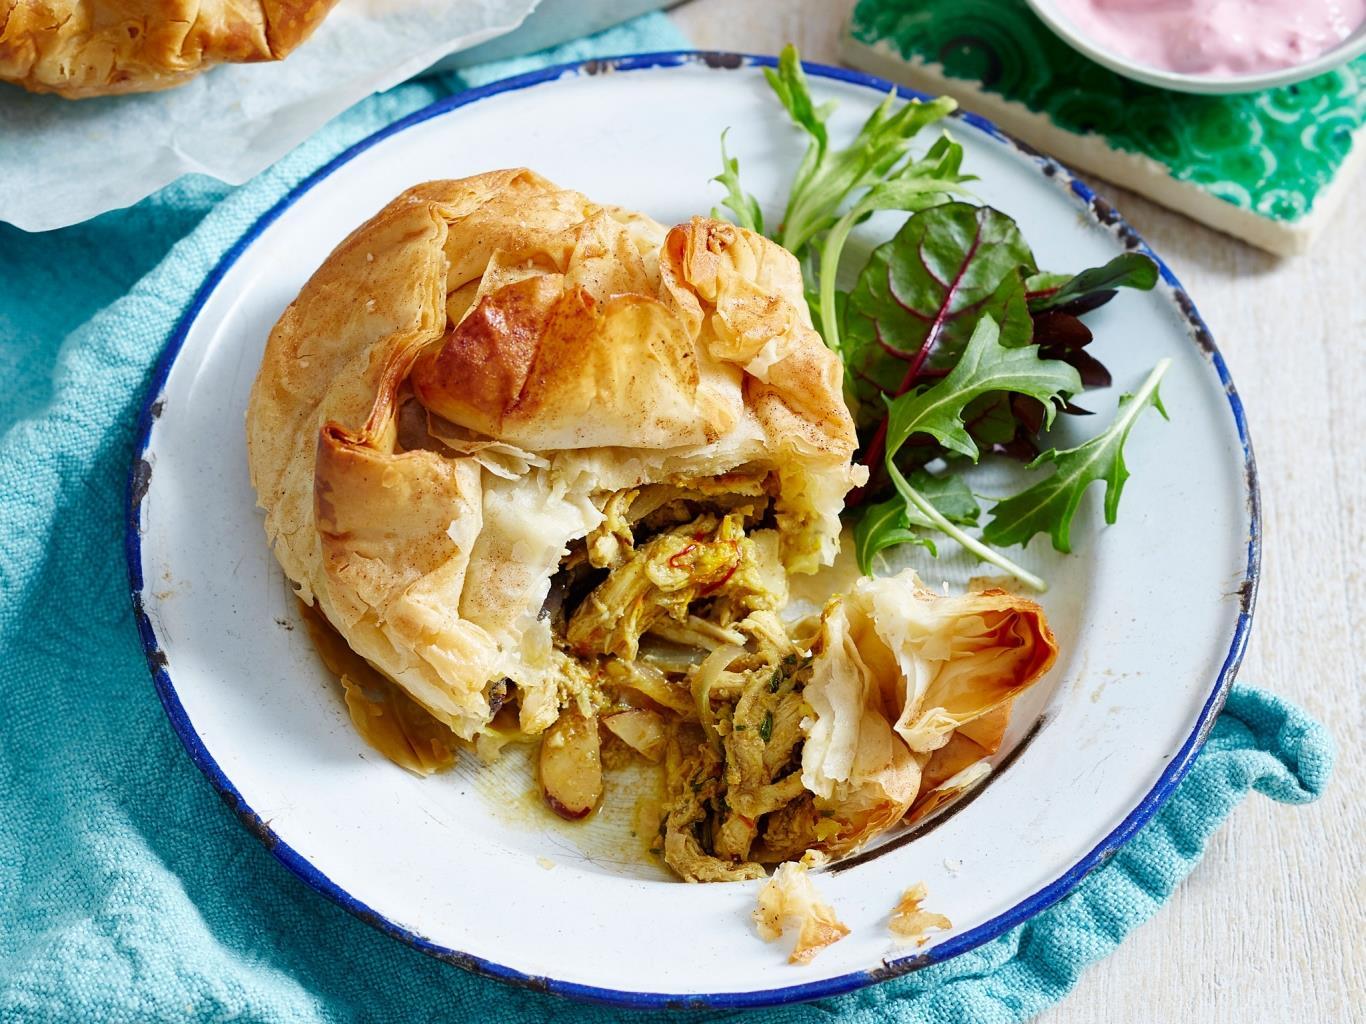 Du lịch Maroc - Thưởng thức những món ăn hấp dẫn